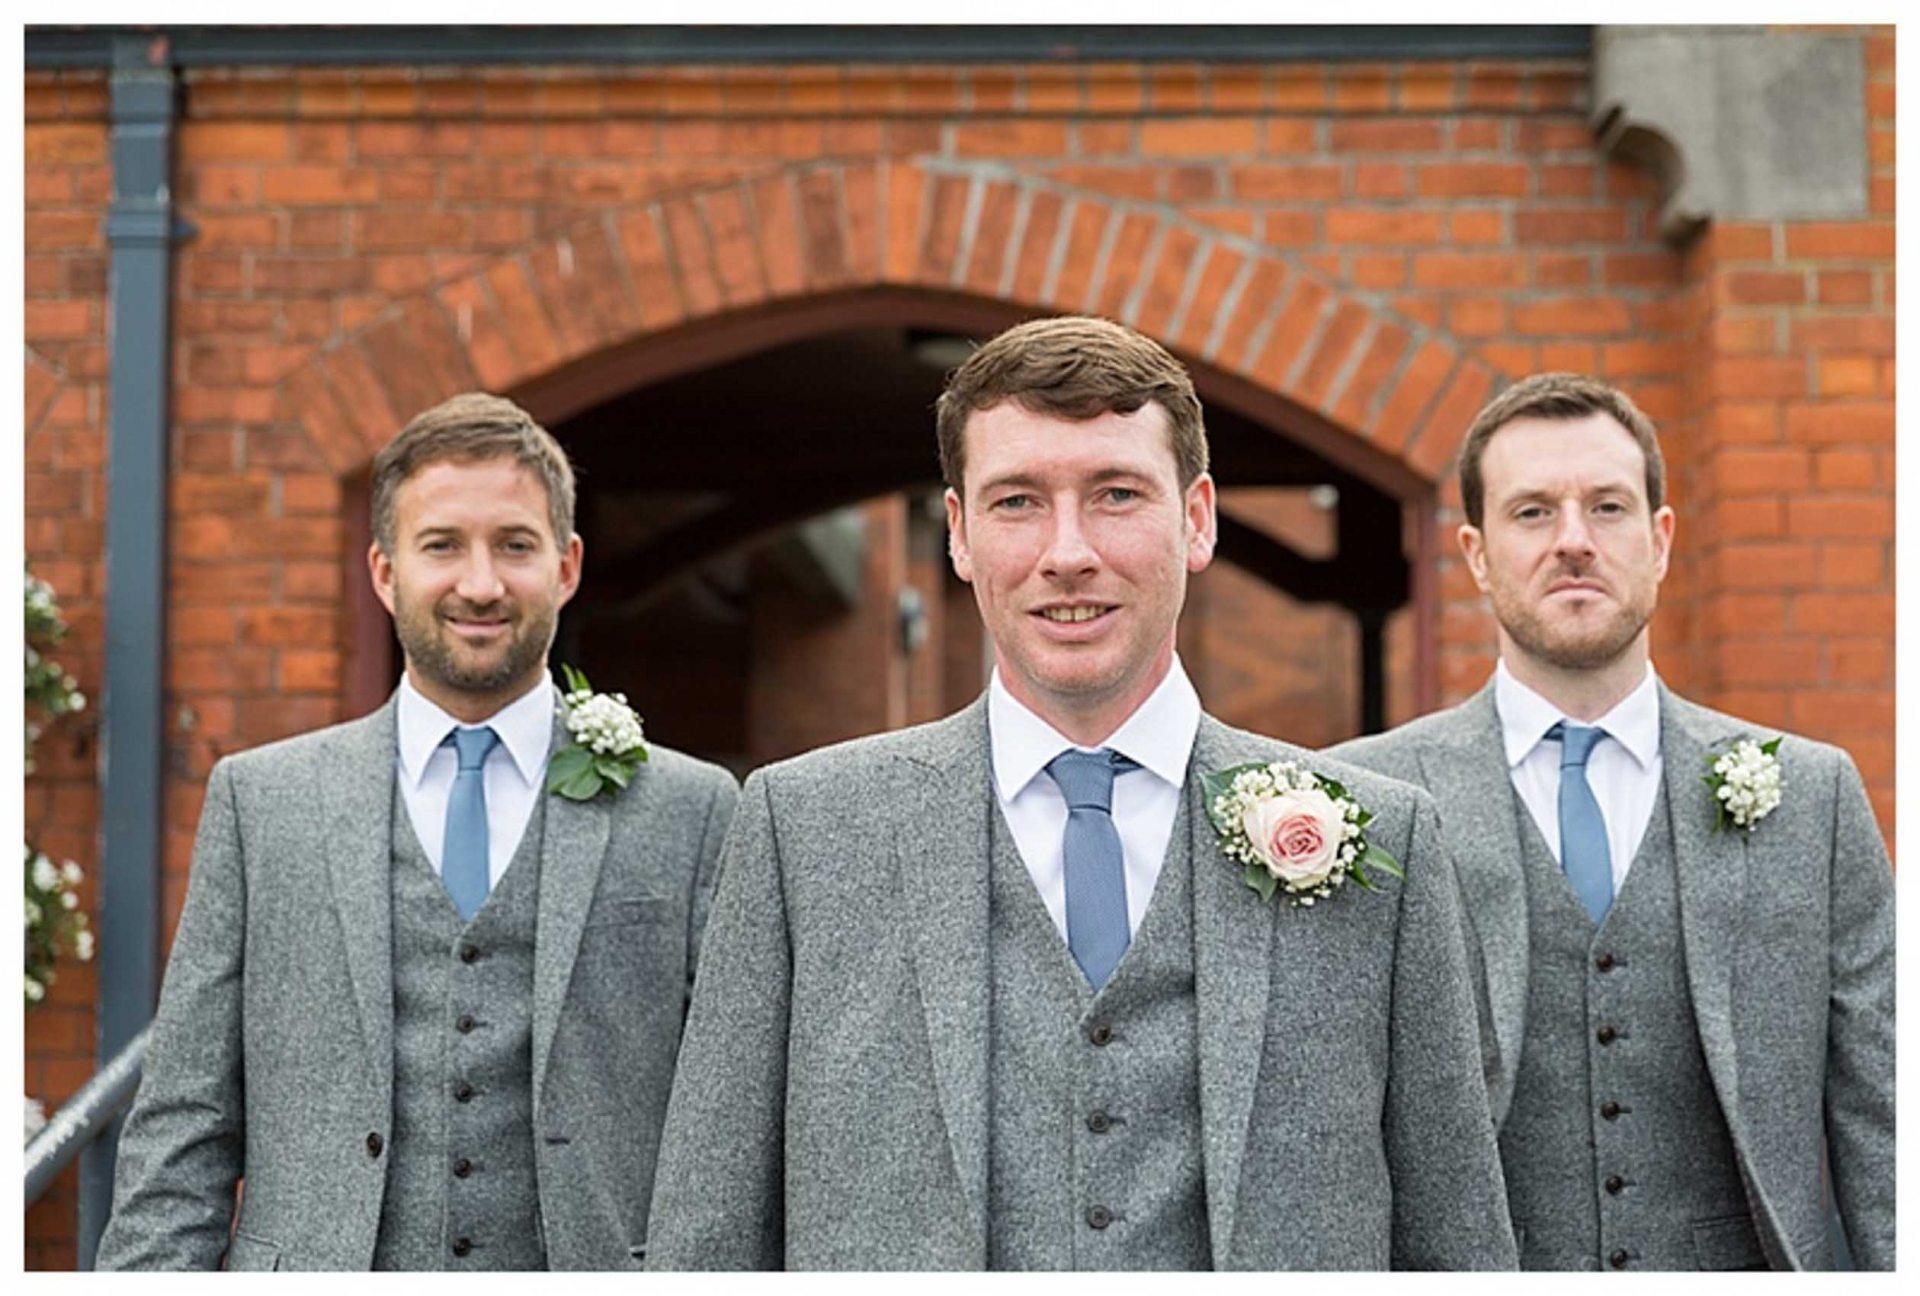 Larchfield Estate Wedding Photography by Ricky Parker Photography-21